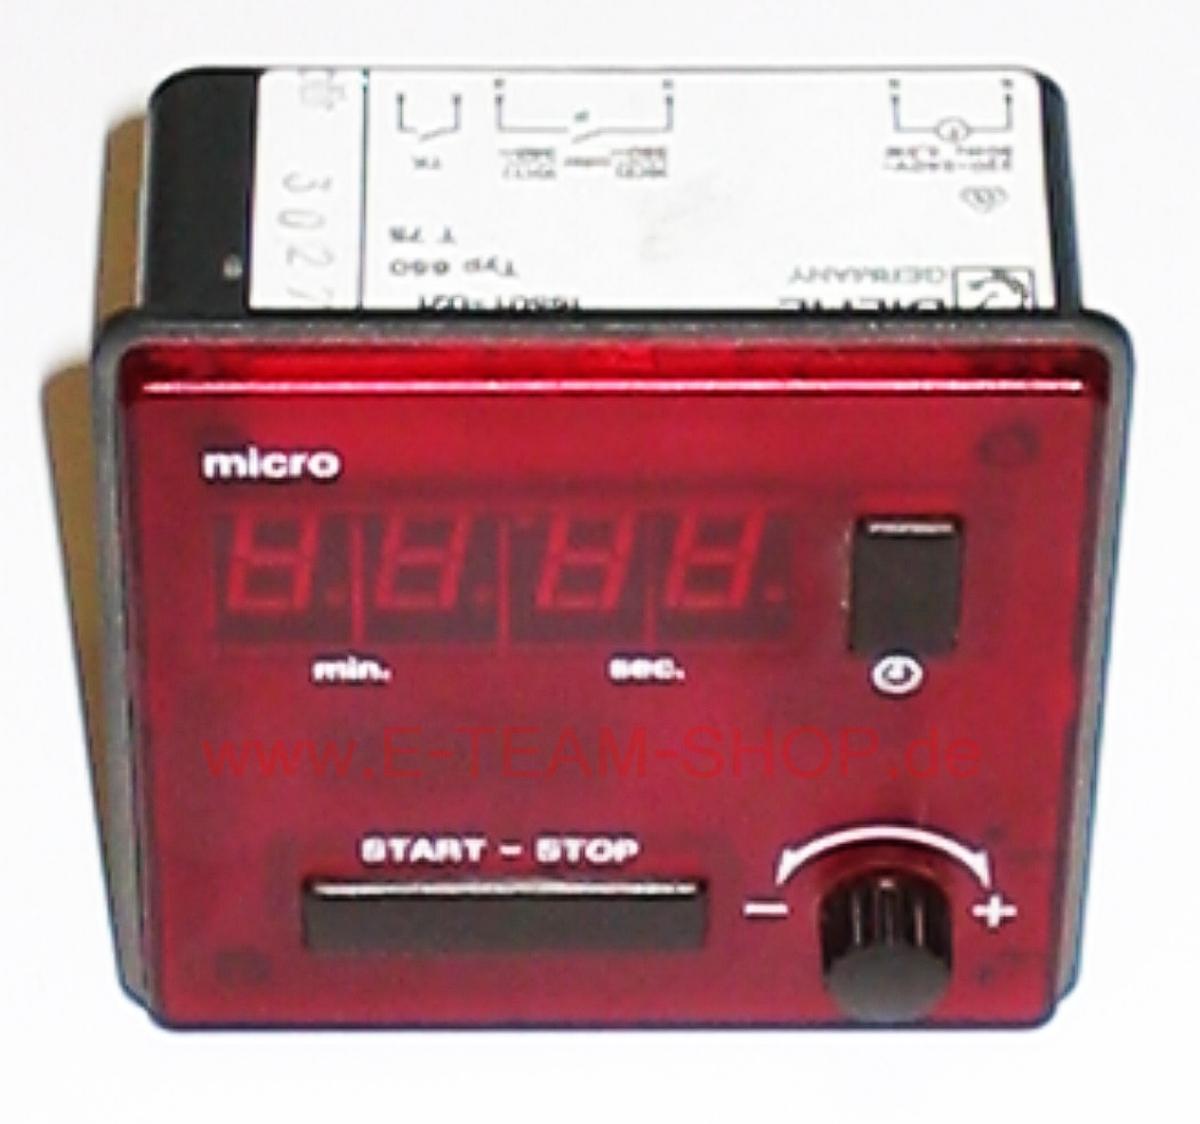 ersatzteil digital zeitschaltuhr einbau 1sec bis 99min 220 240v 50hz diehl micro typ 650. Black Bedroom Furniture Sets. Home Design Ideas